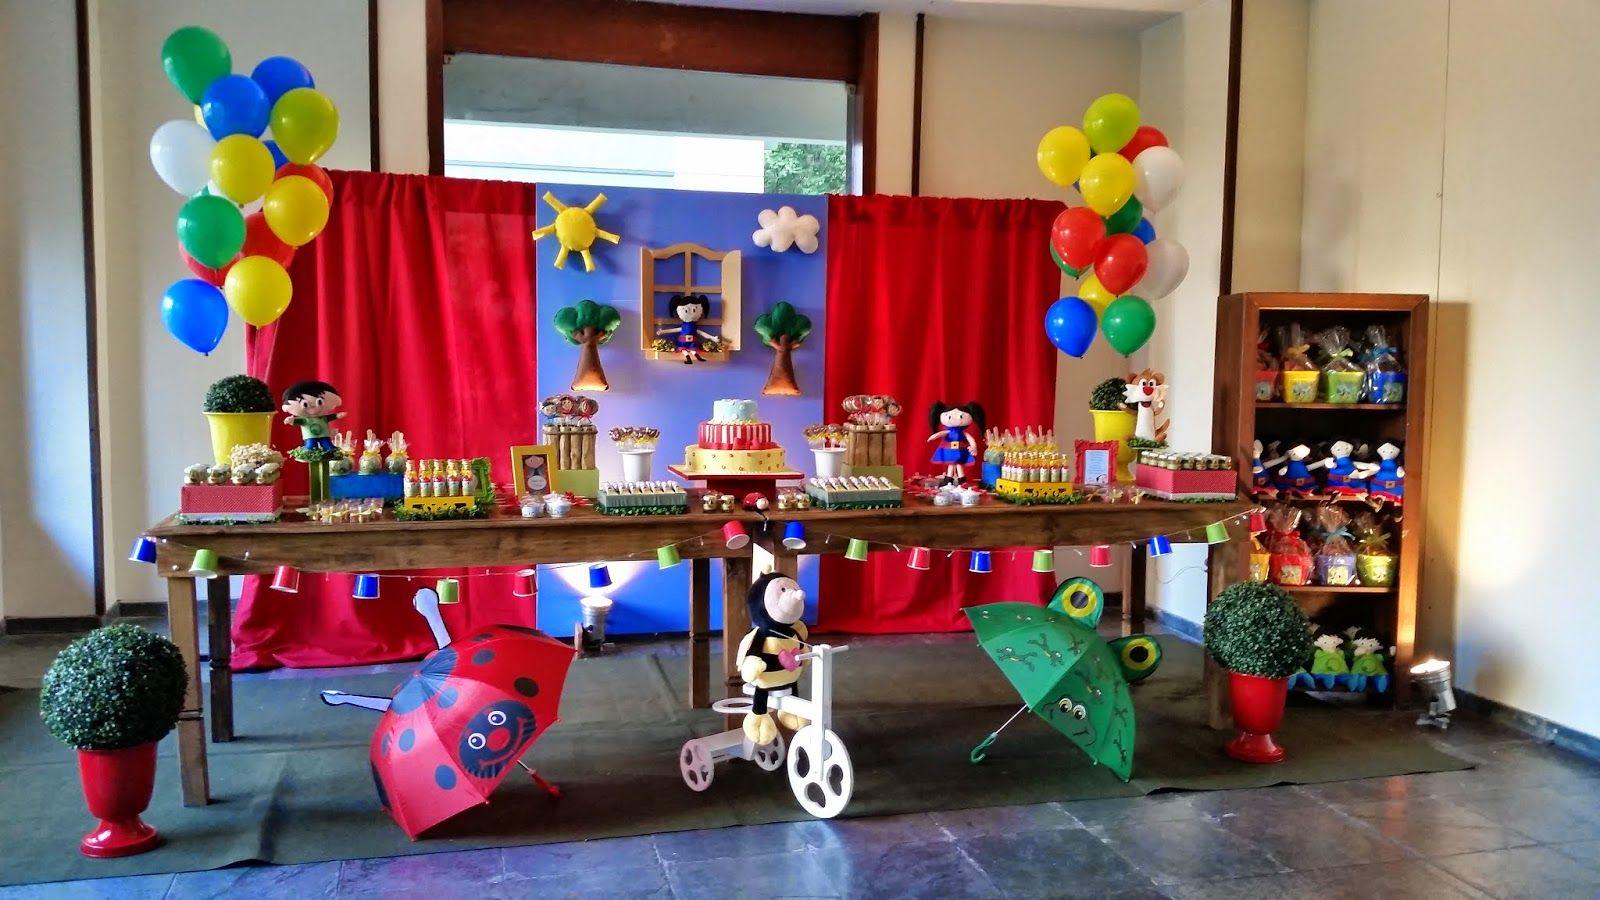 festa show da luna - Pesquisa Google